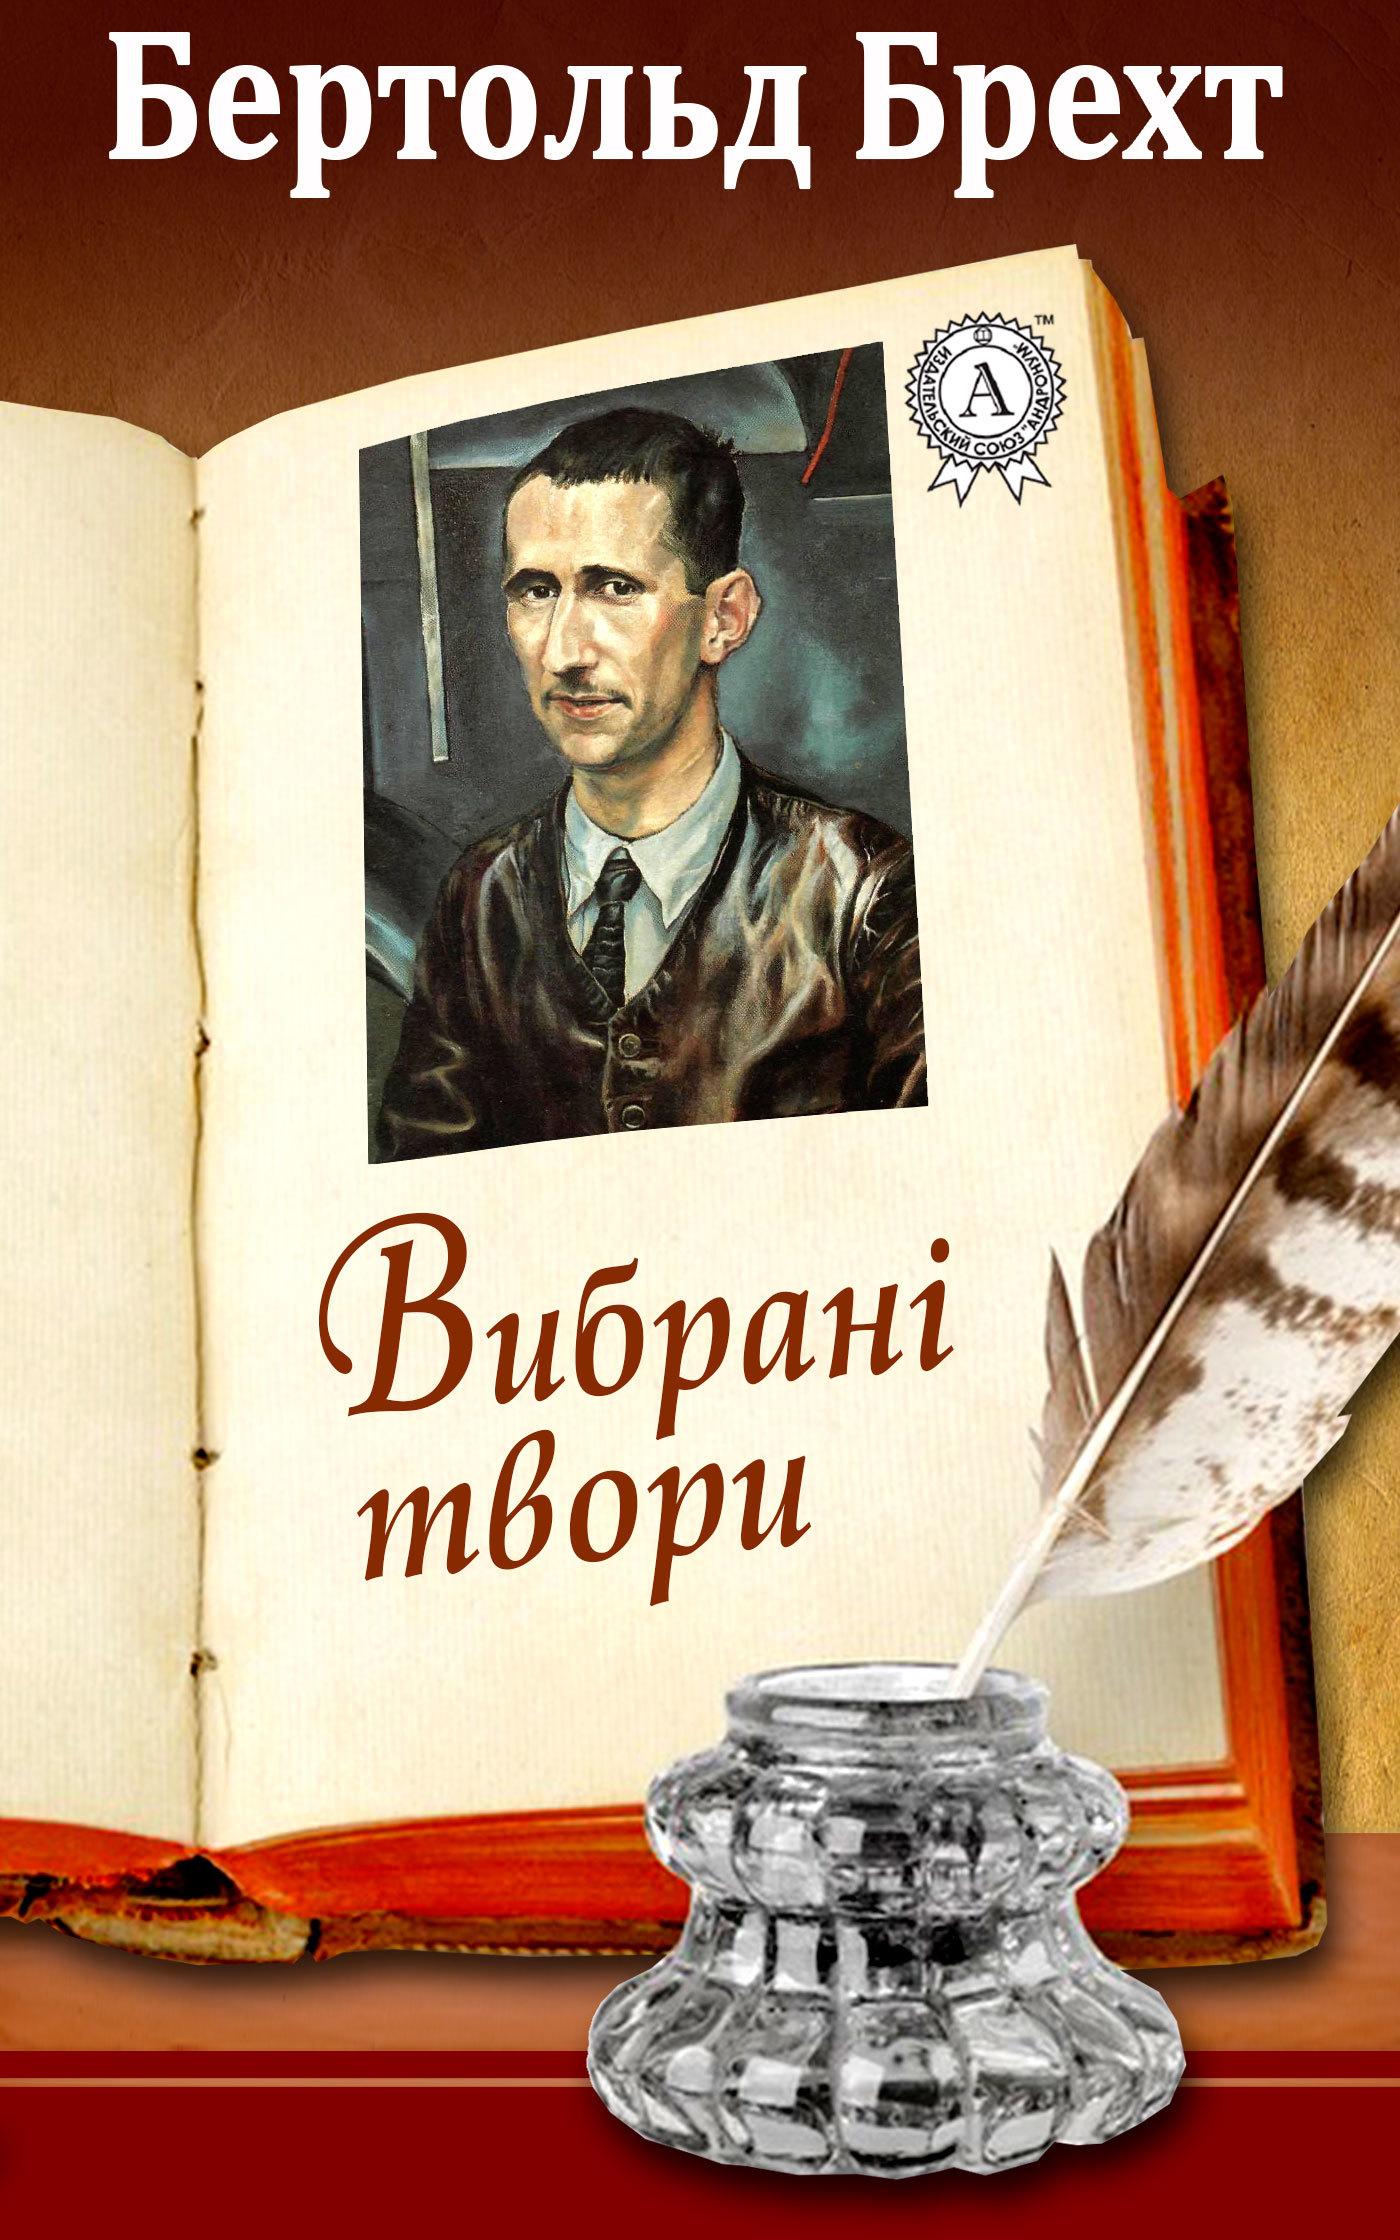 Бертольд Брехт Вибрані твори